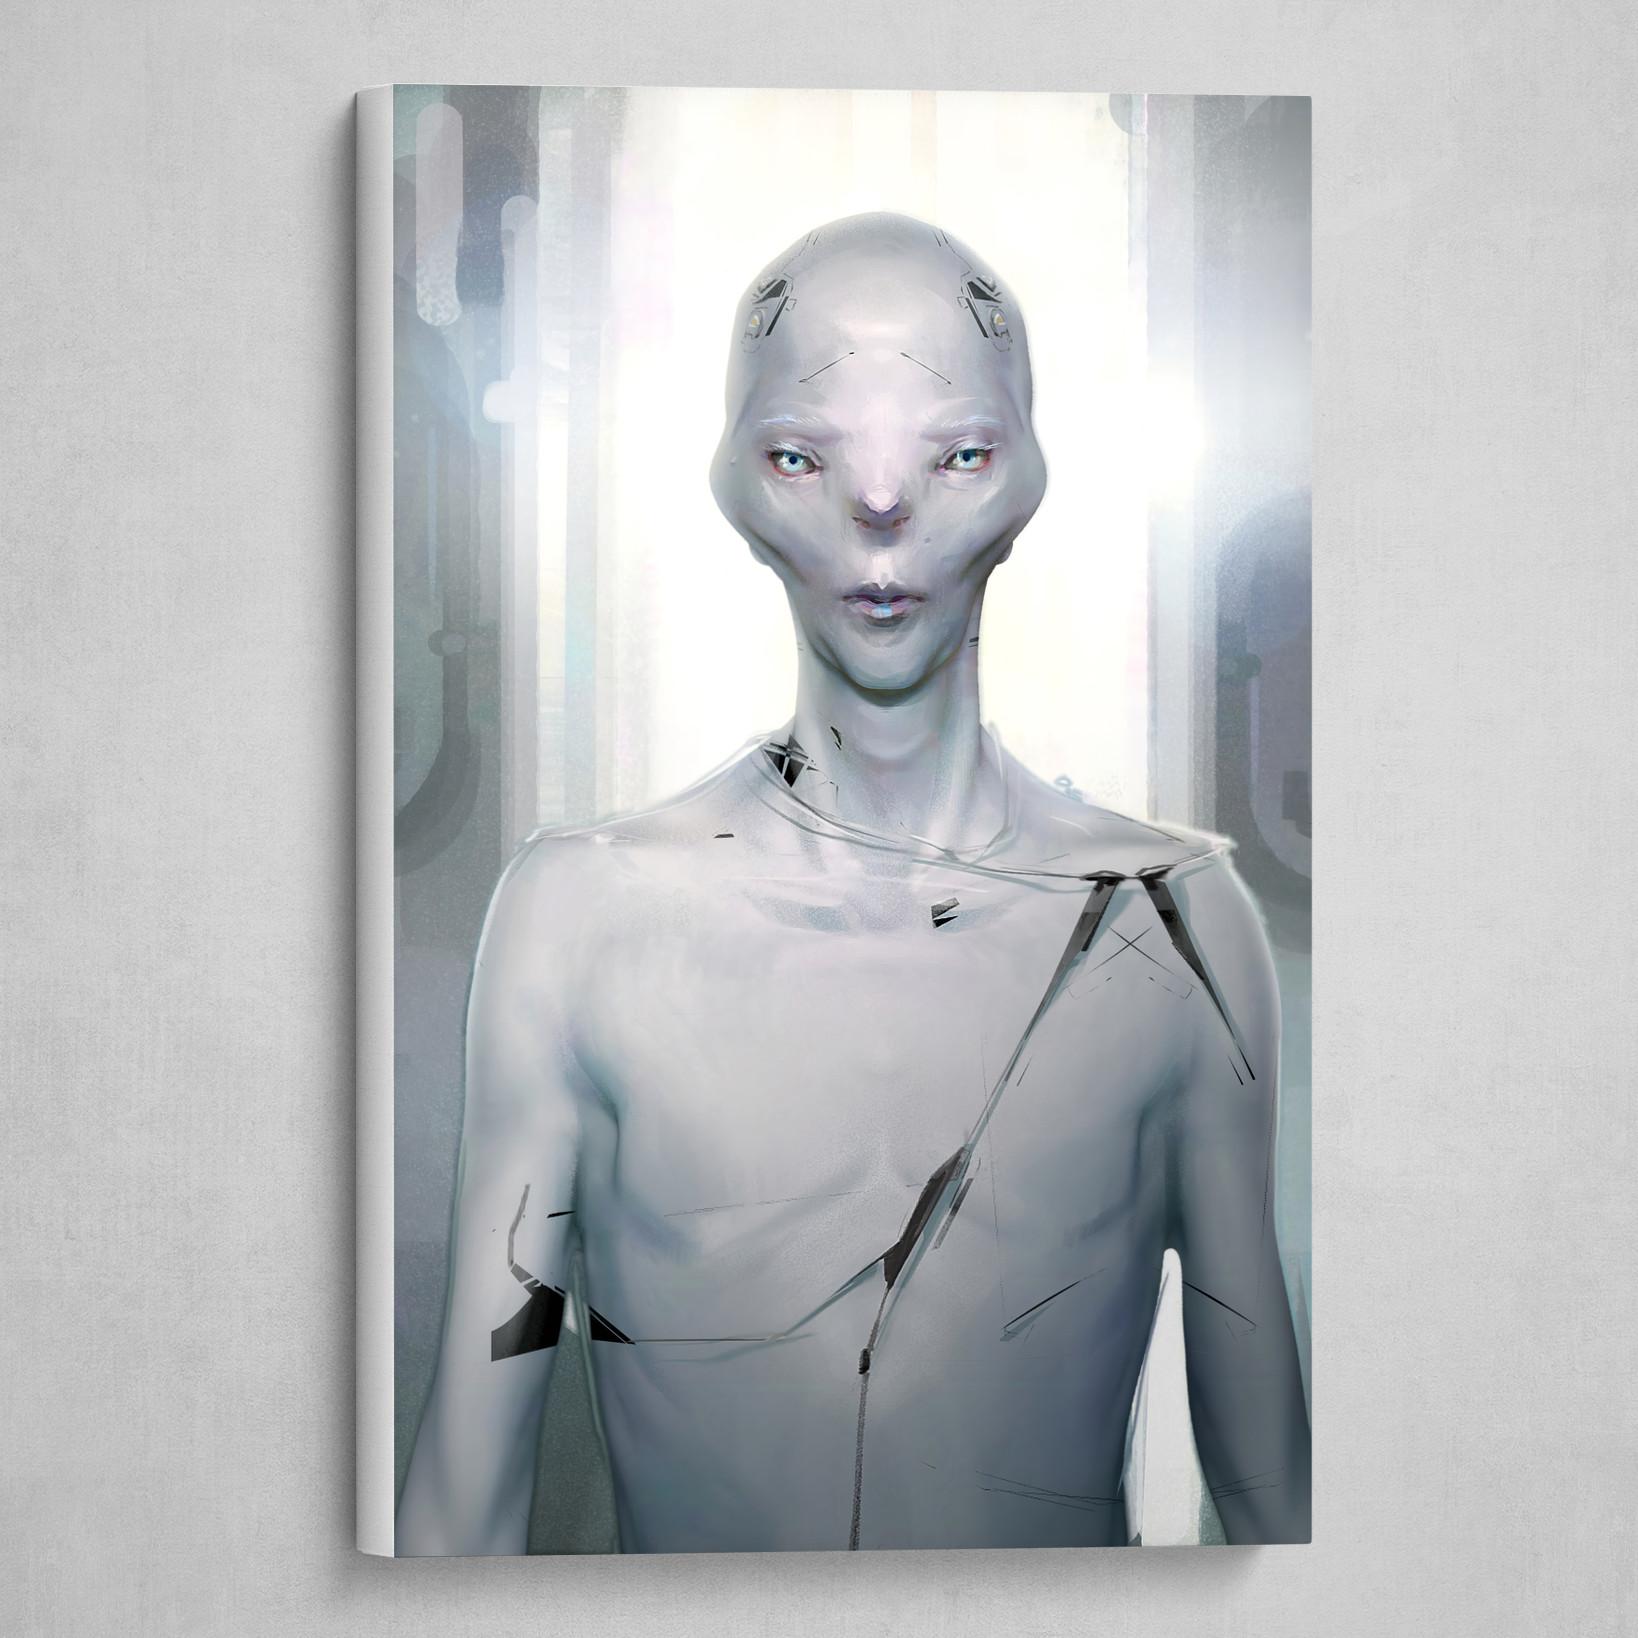 White transhuman